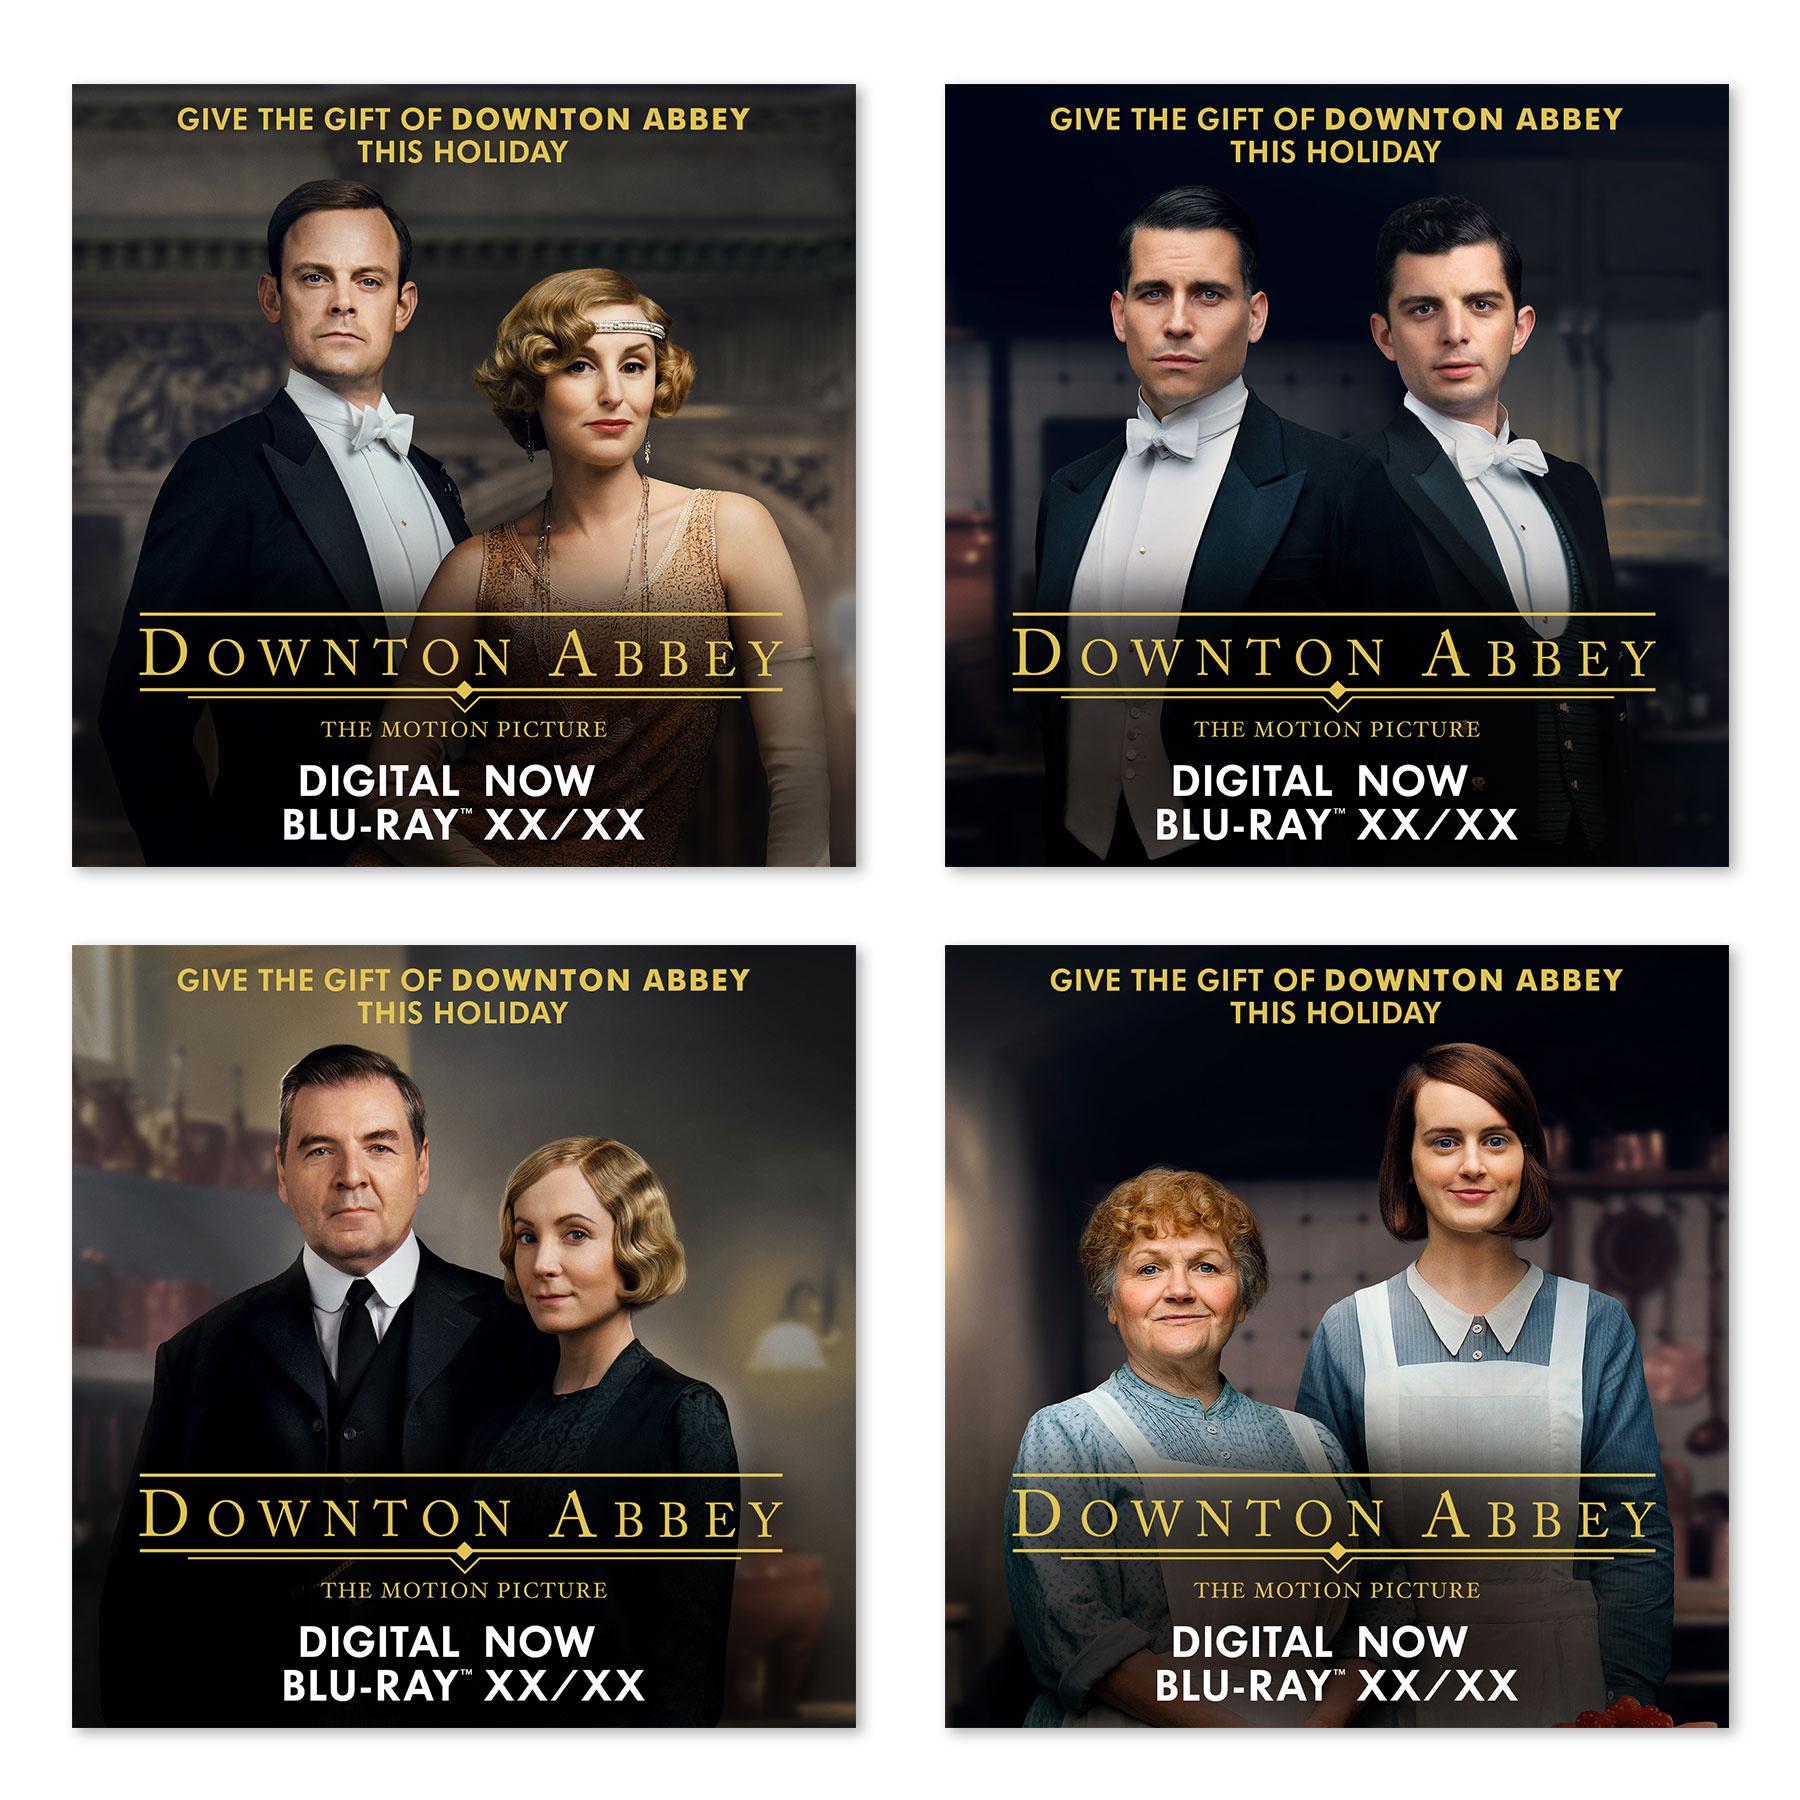 Downton Abbey Digital Ads